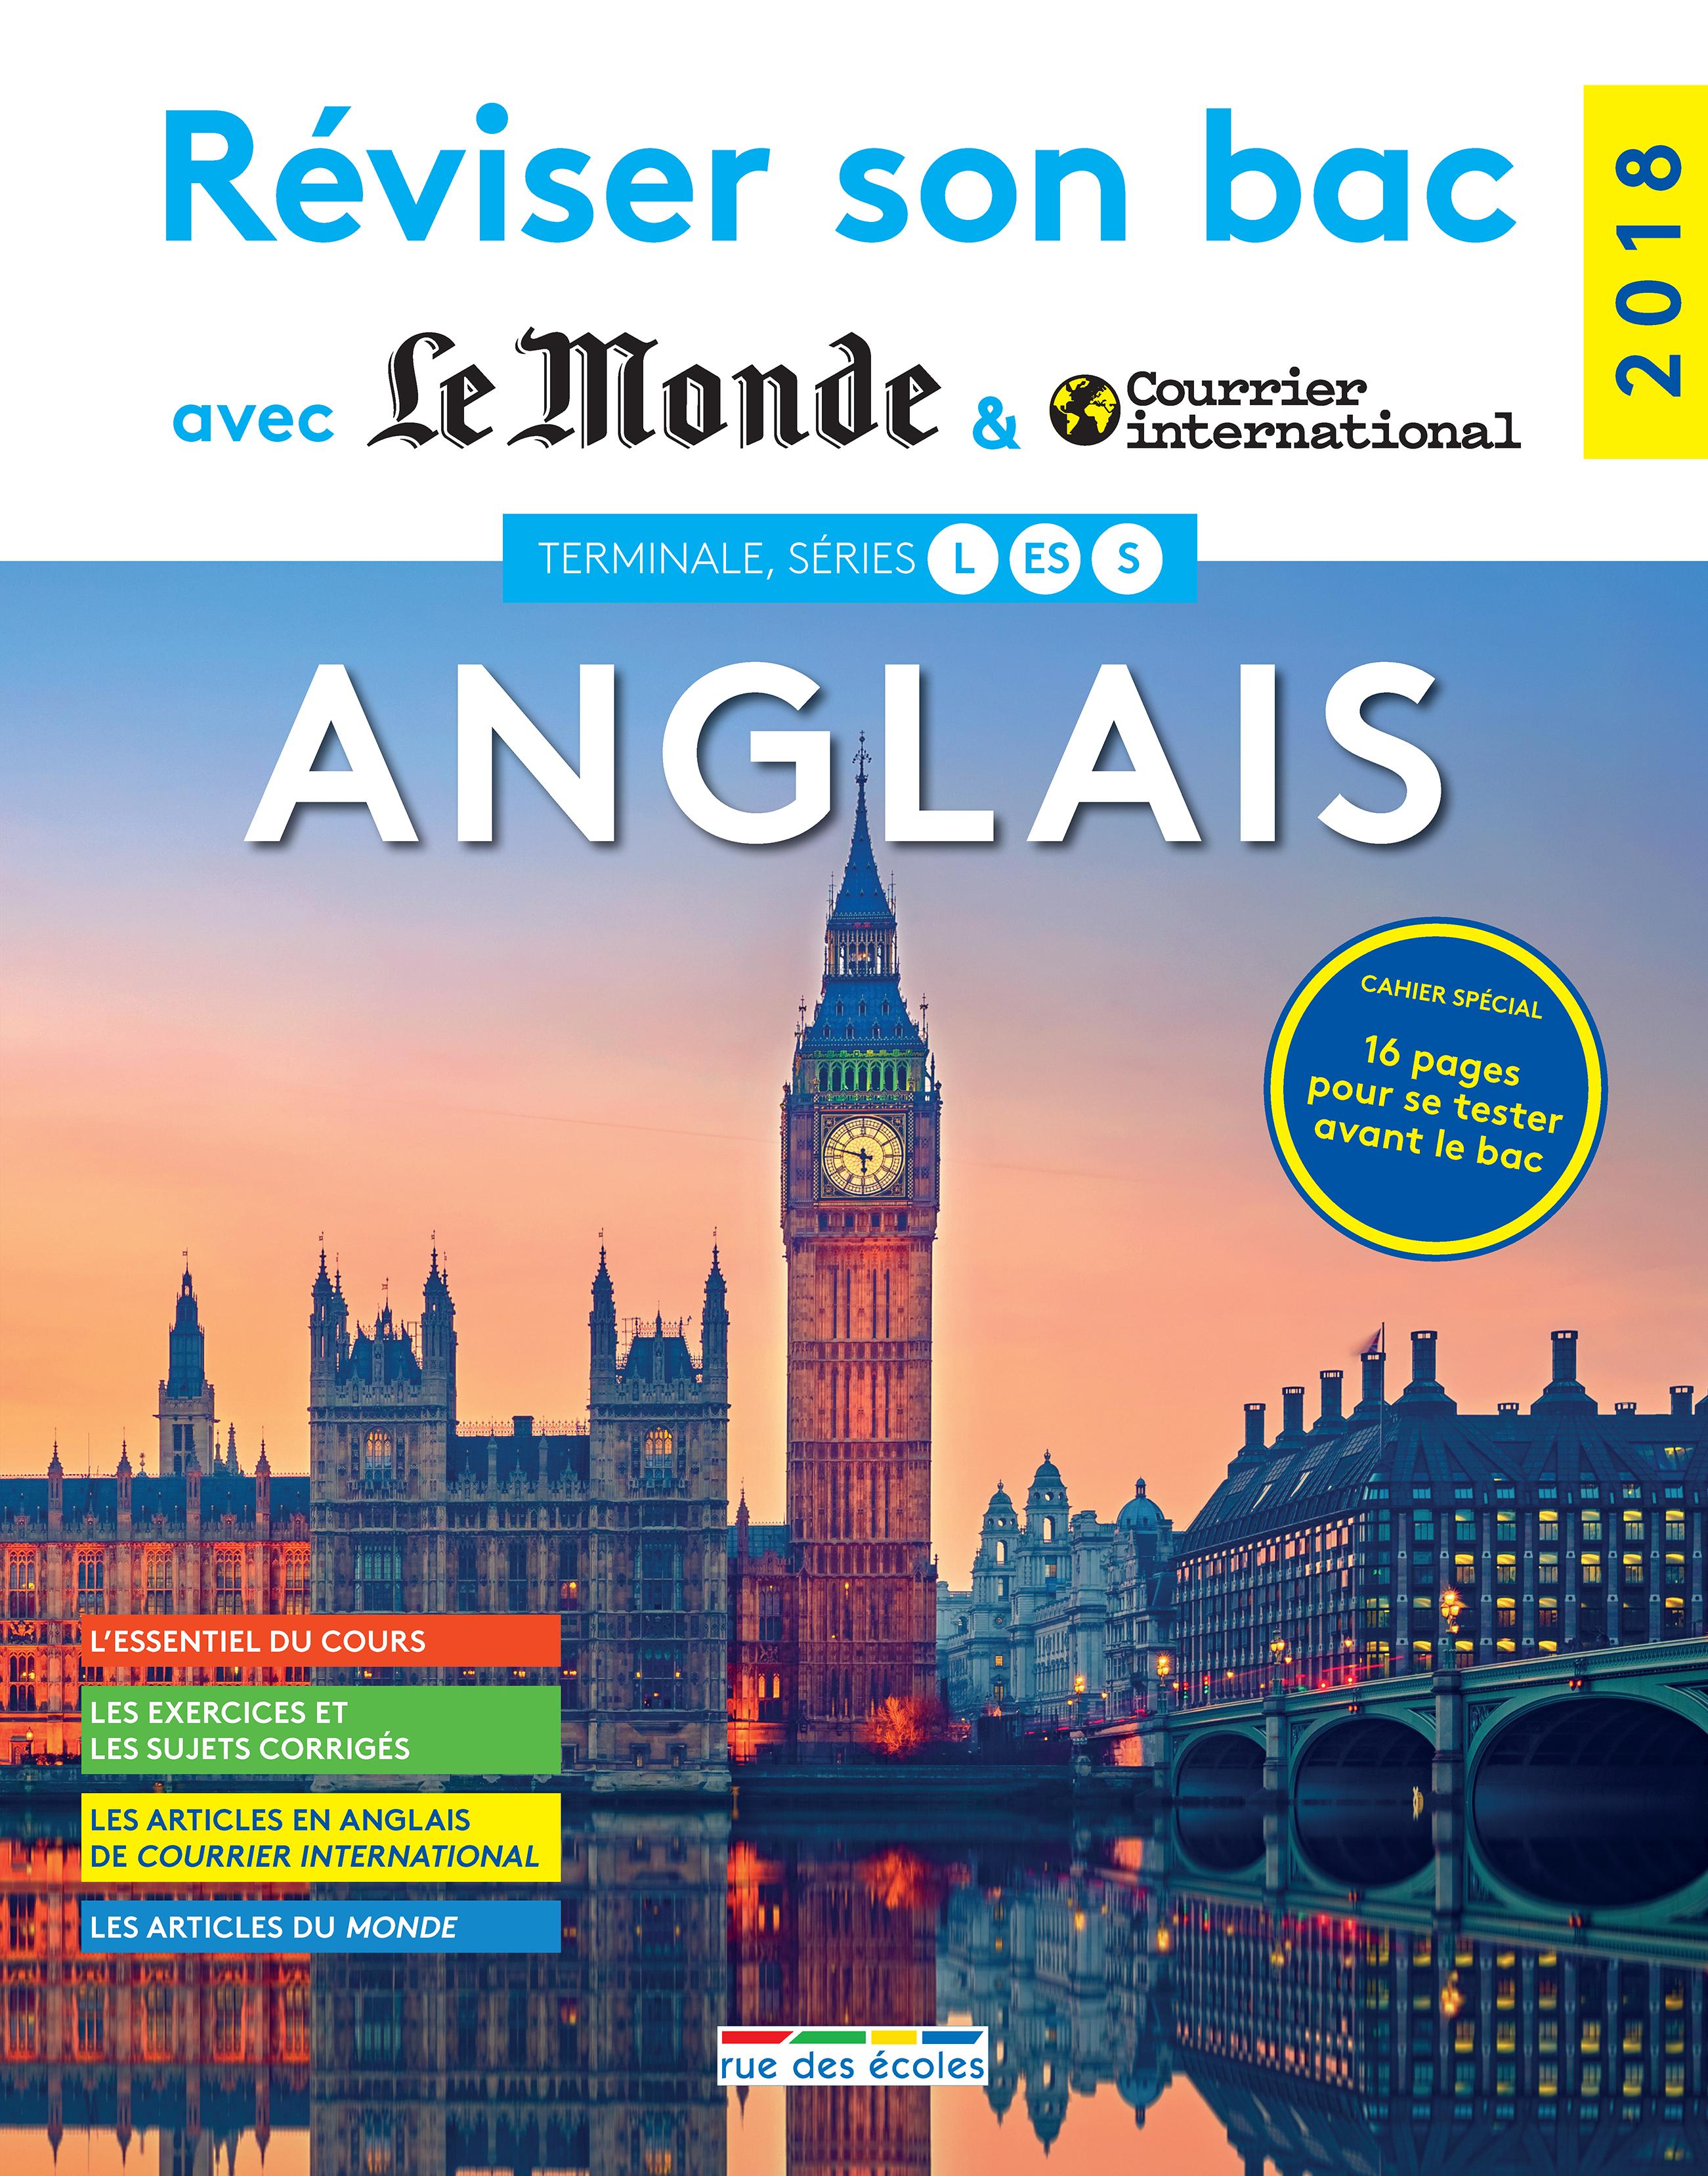 REVISER SON BAC AVEC LE MONDE : ANGLAIS 2018